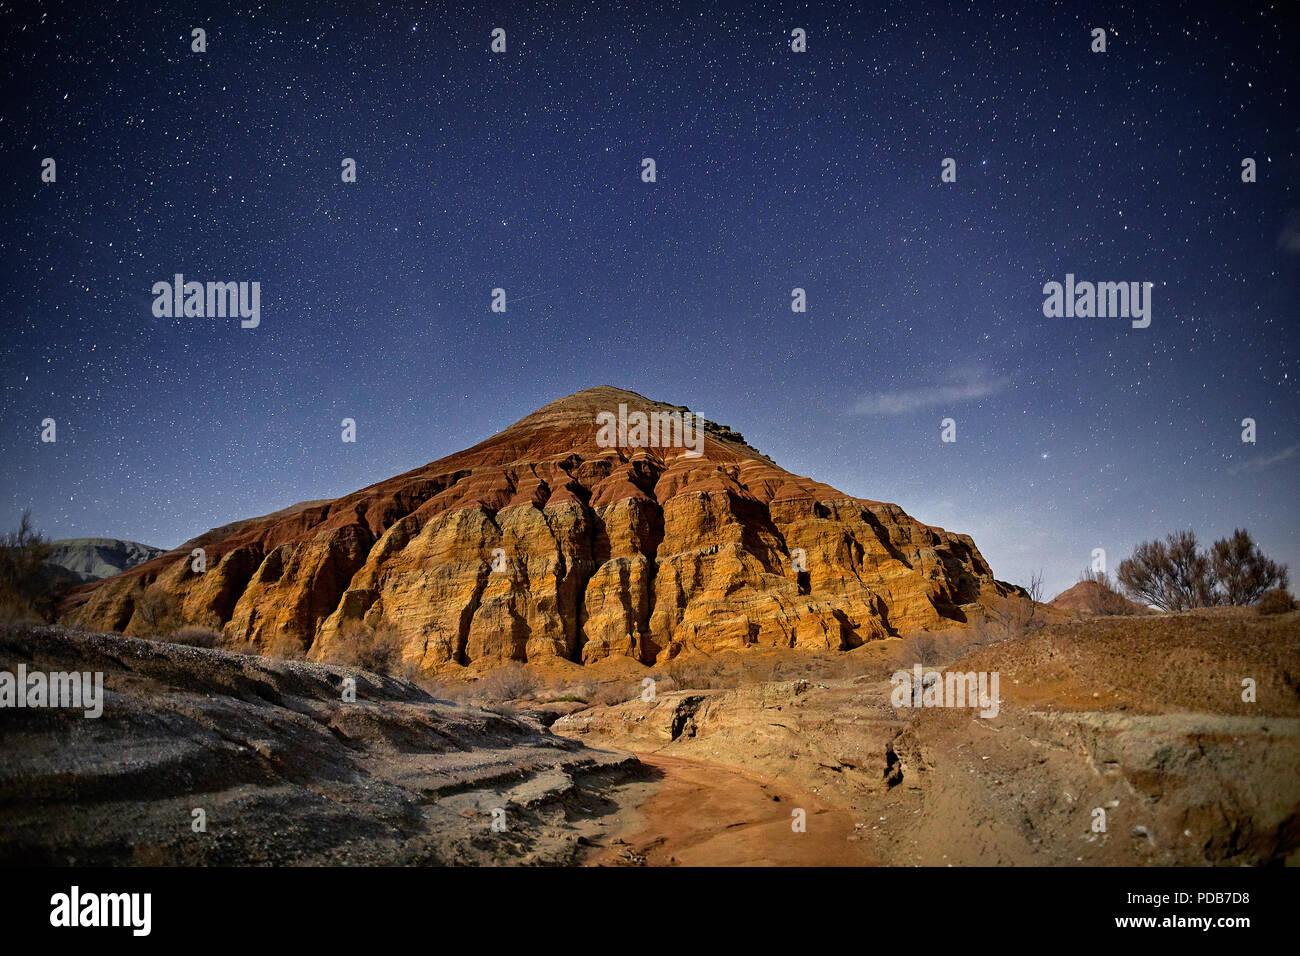 Roter Berg der Pyramide in der Wüste nachts Sternenhimmel Hintergrund. Astronomie Fotografie von Raum und Konstellationen. Stockbild